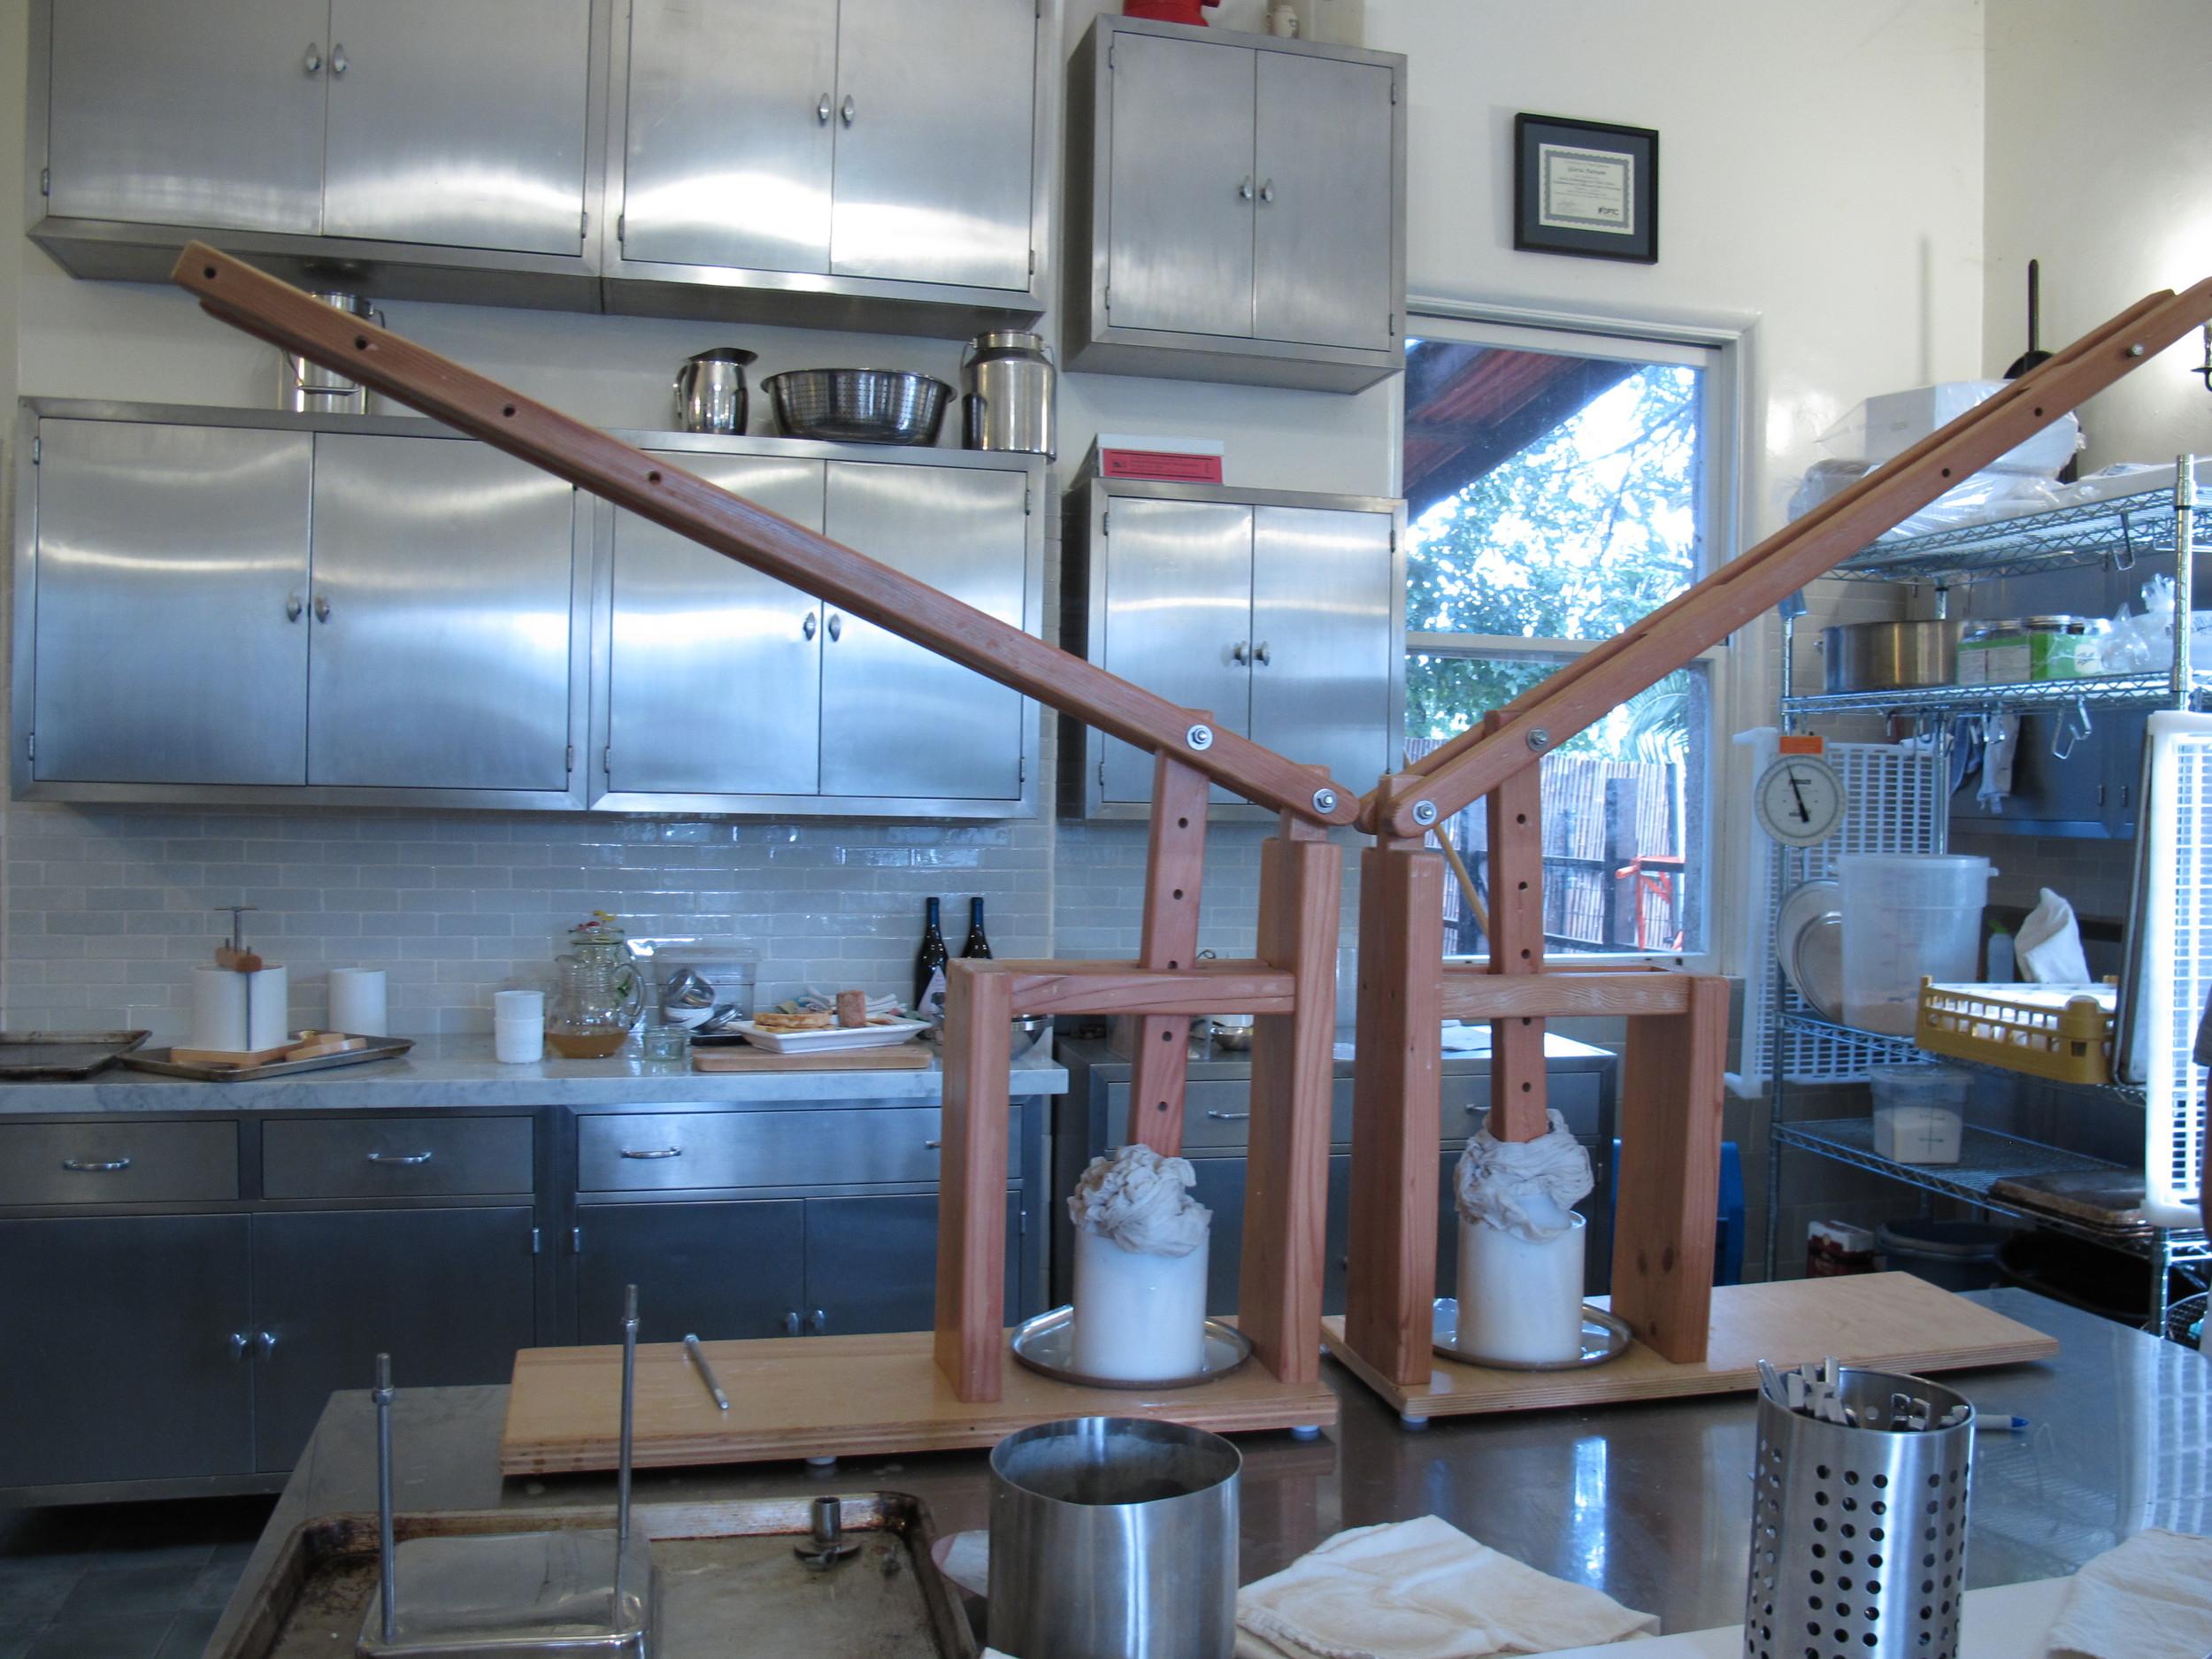 The gouda guillotine